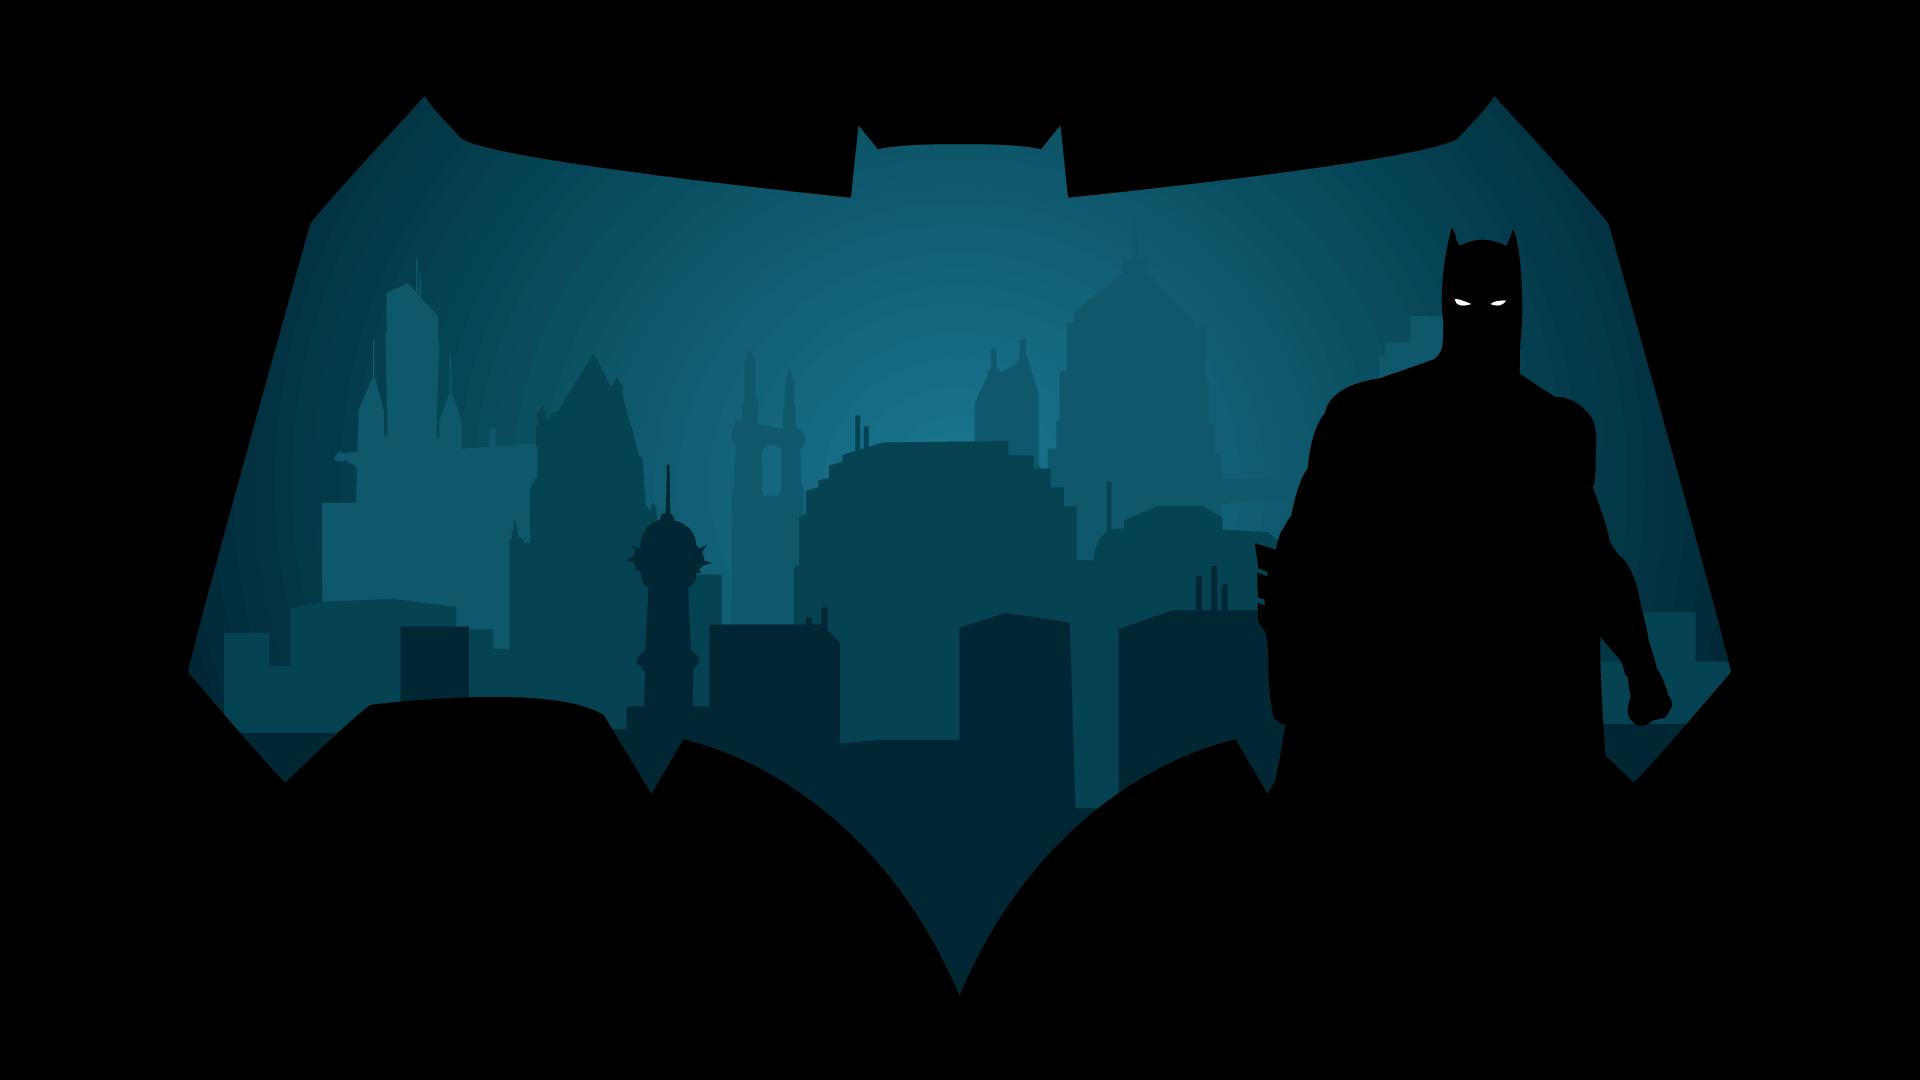 Batman-The-Telltale-Series-Art-Wallpaper.png